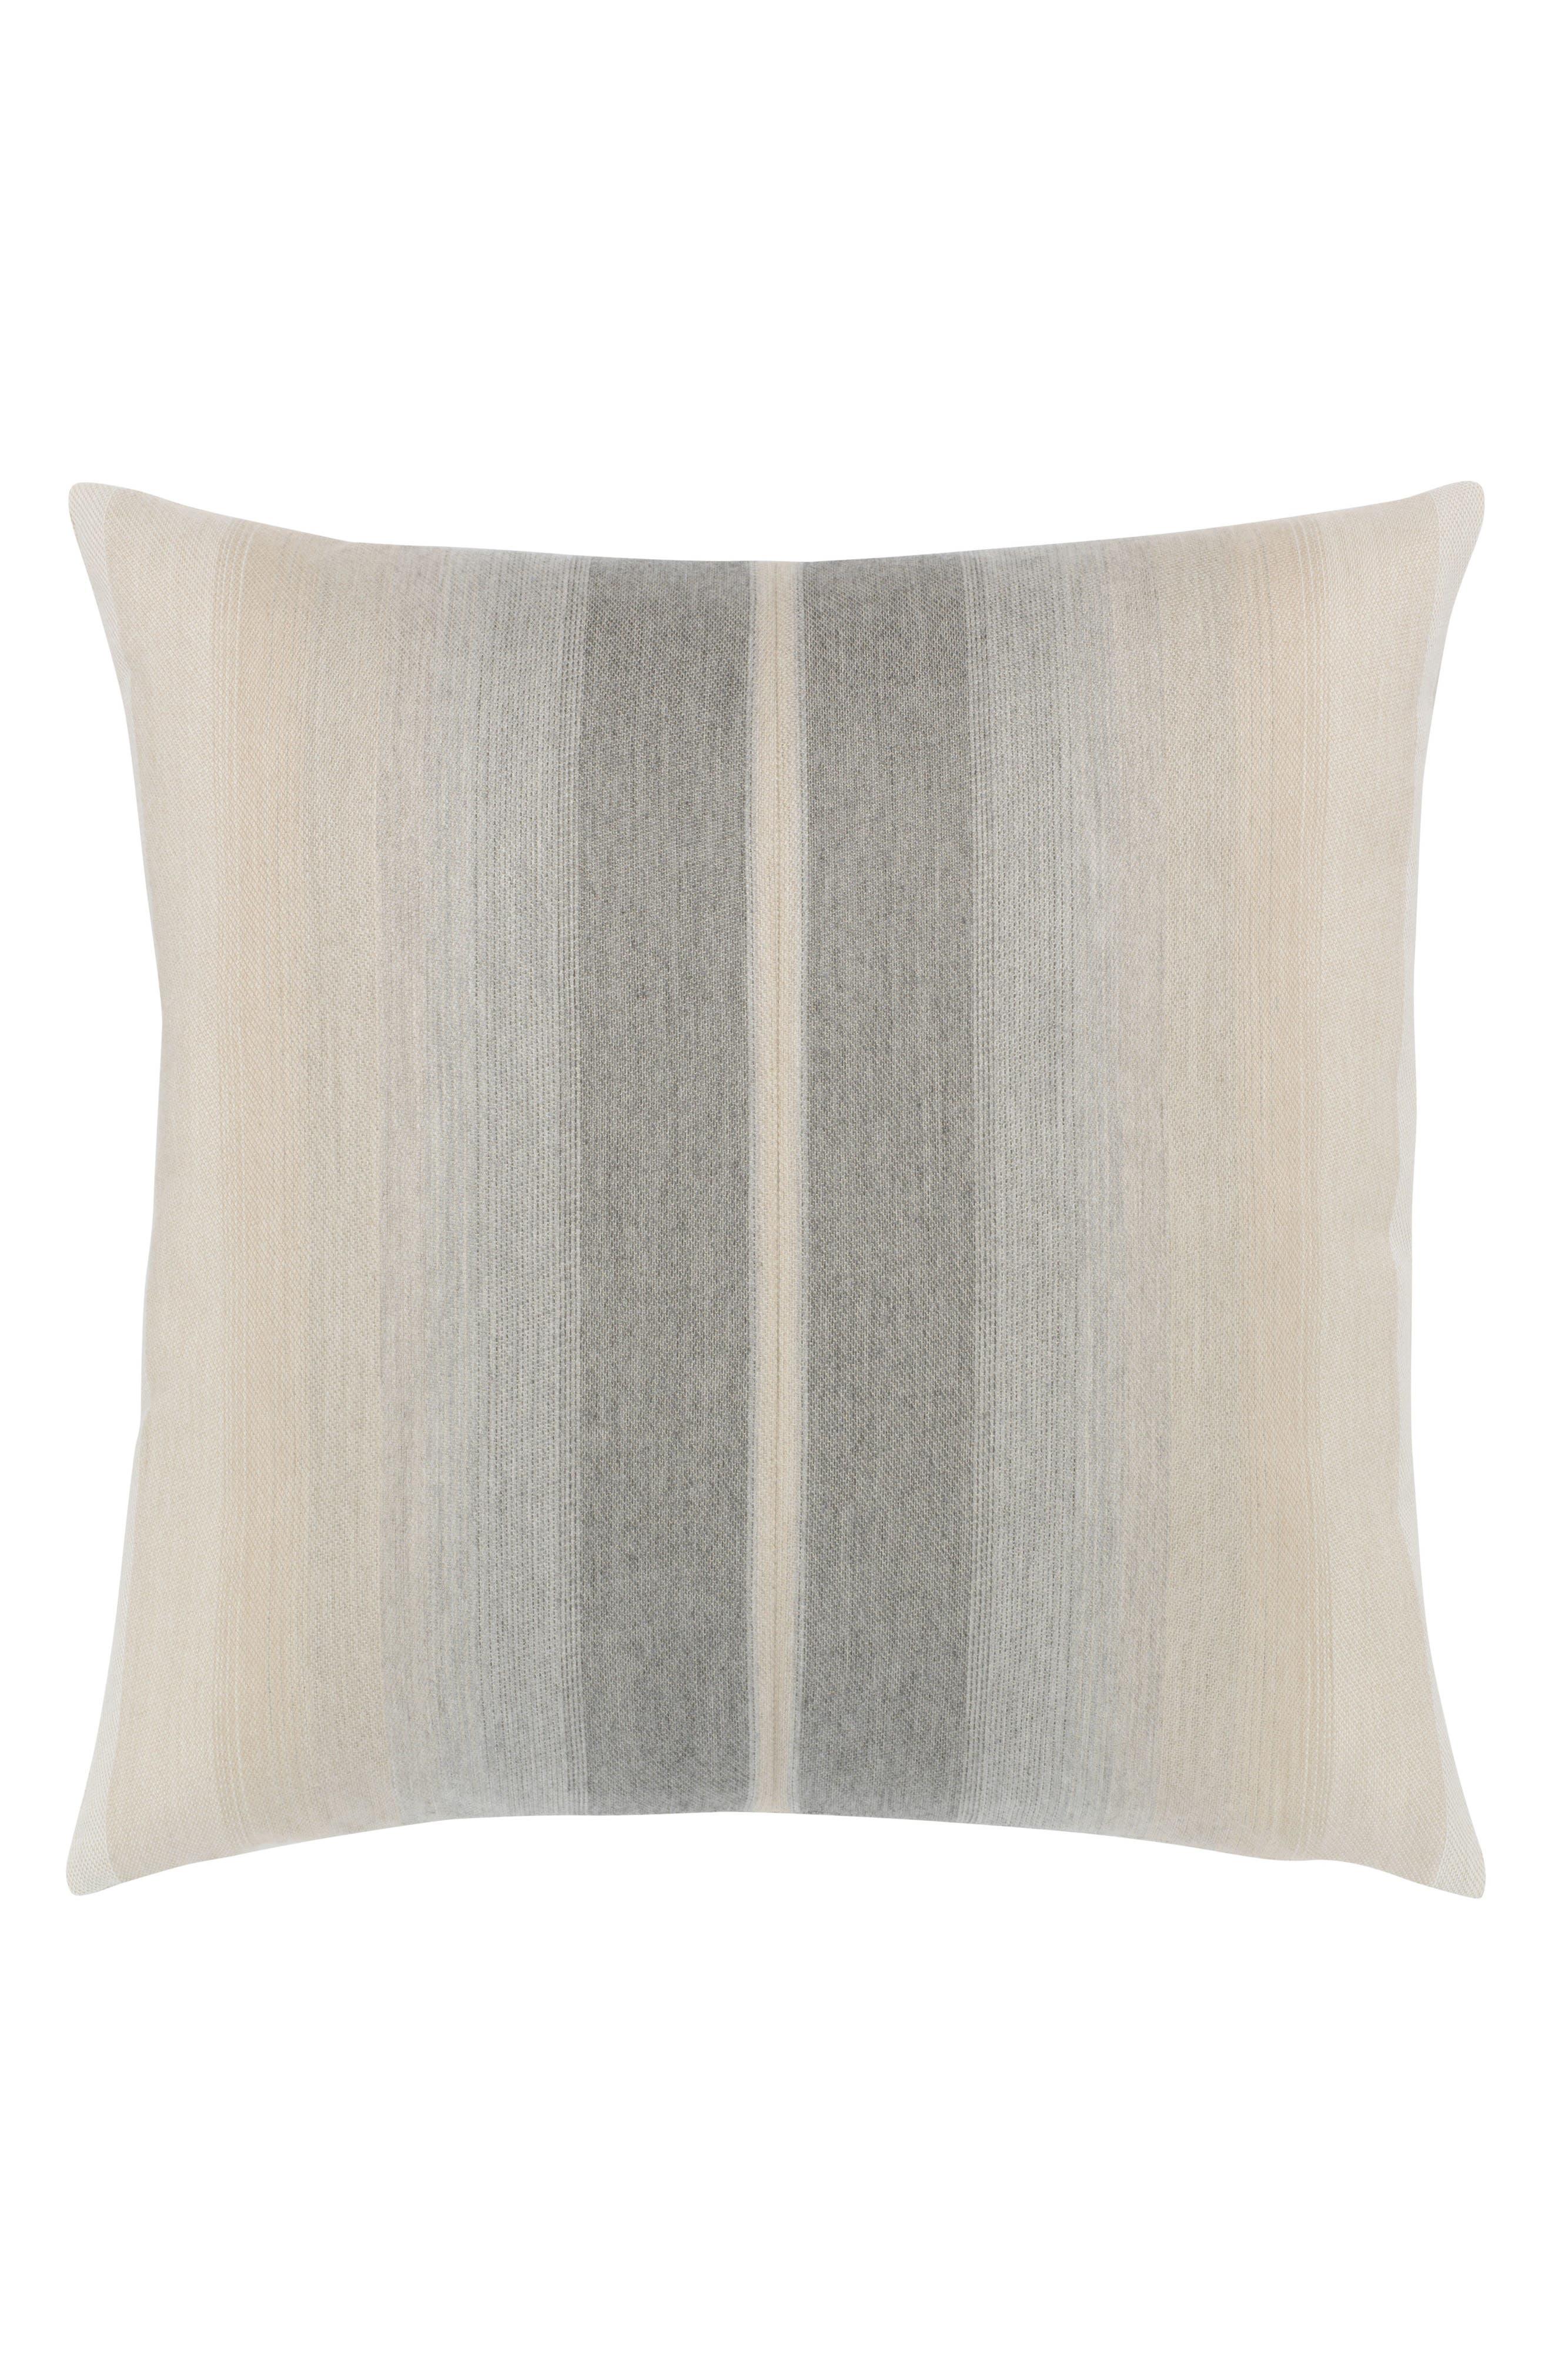 Elaine Smith Ombré Grigio Indoor/Outdoor Accent Pillow